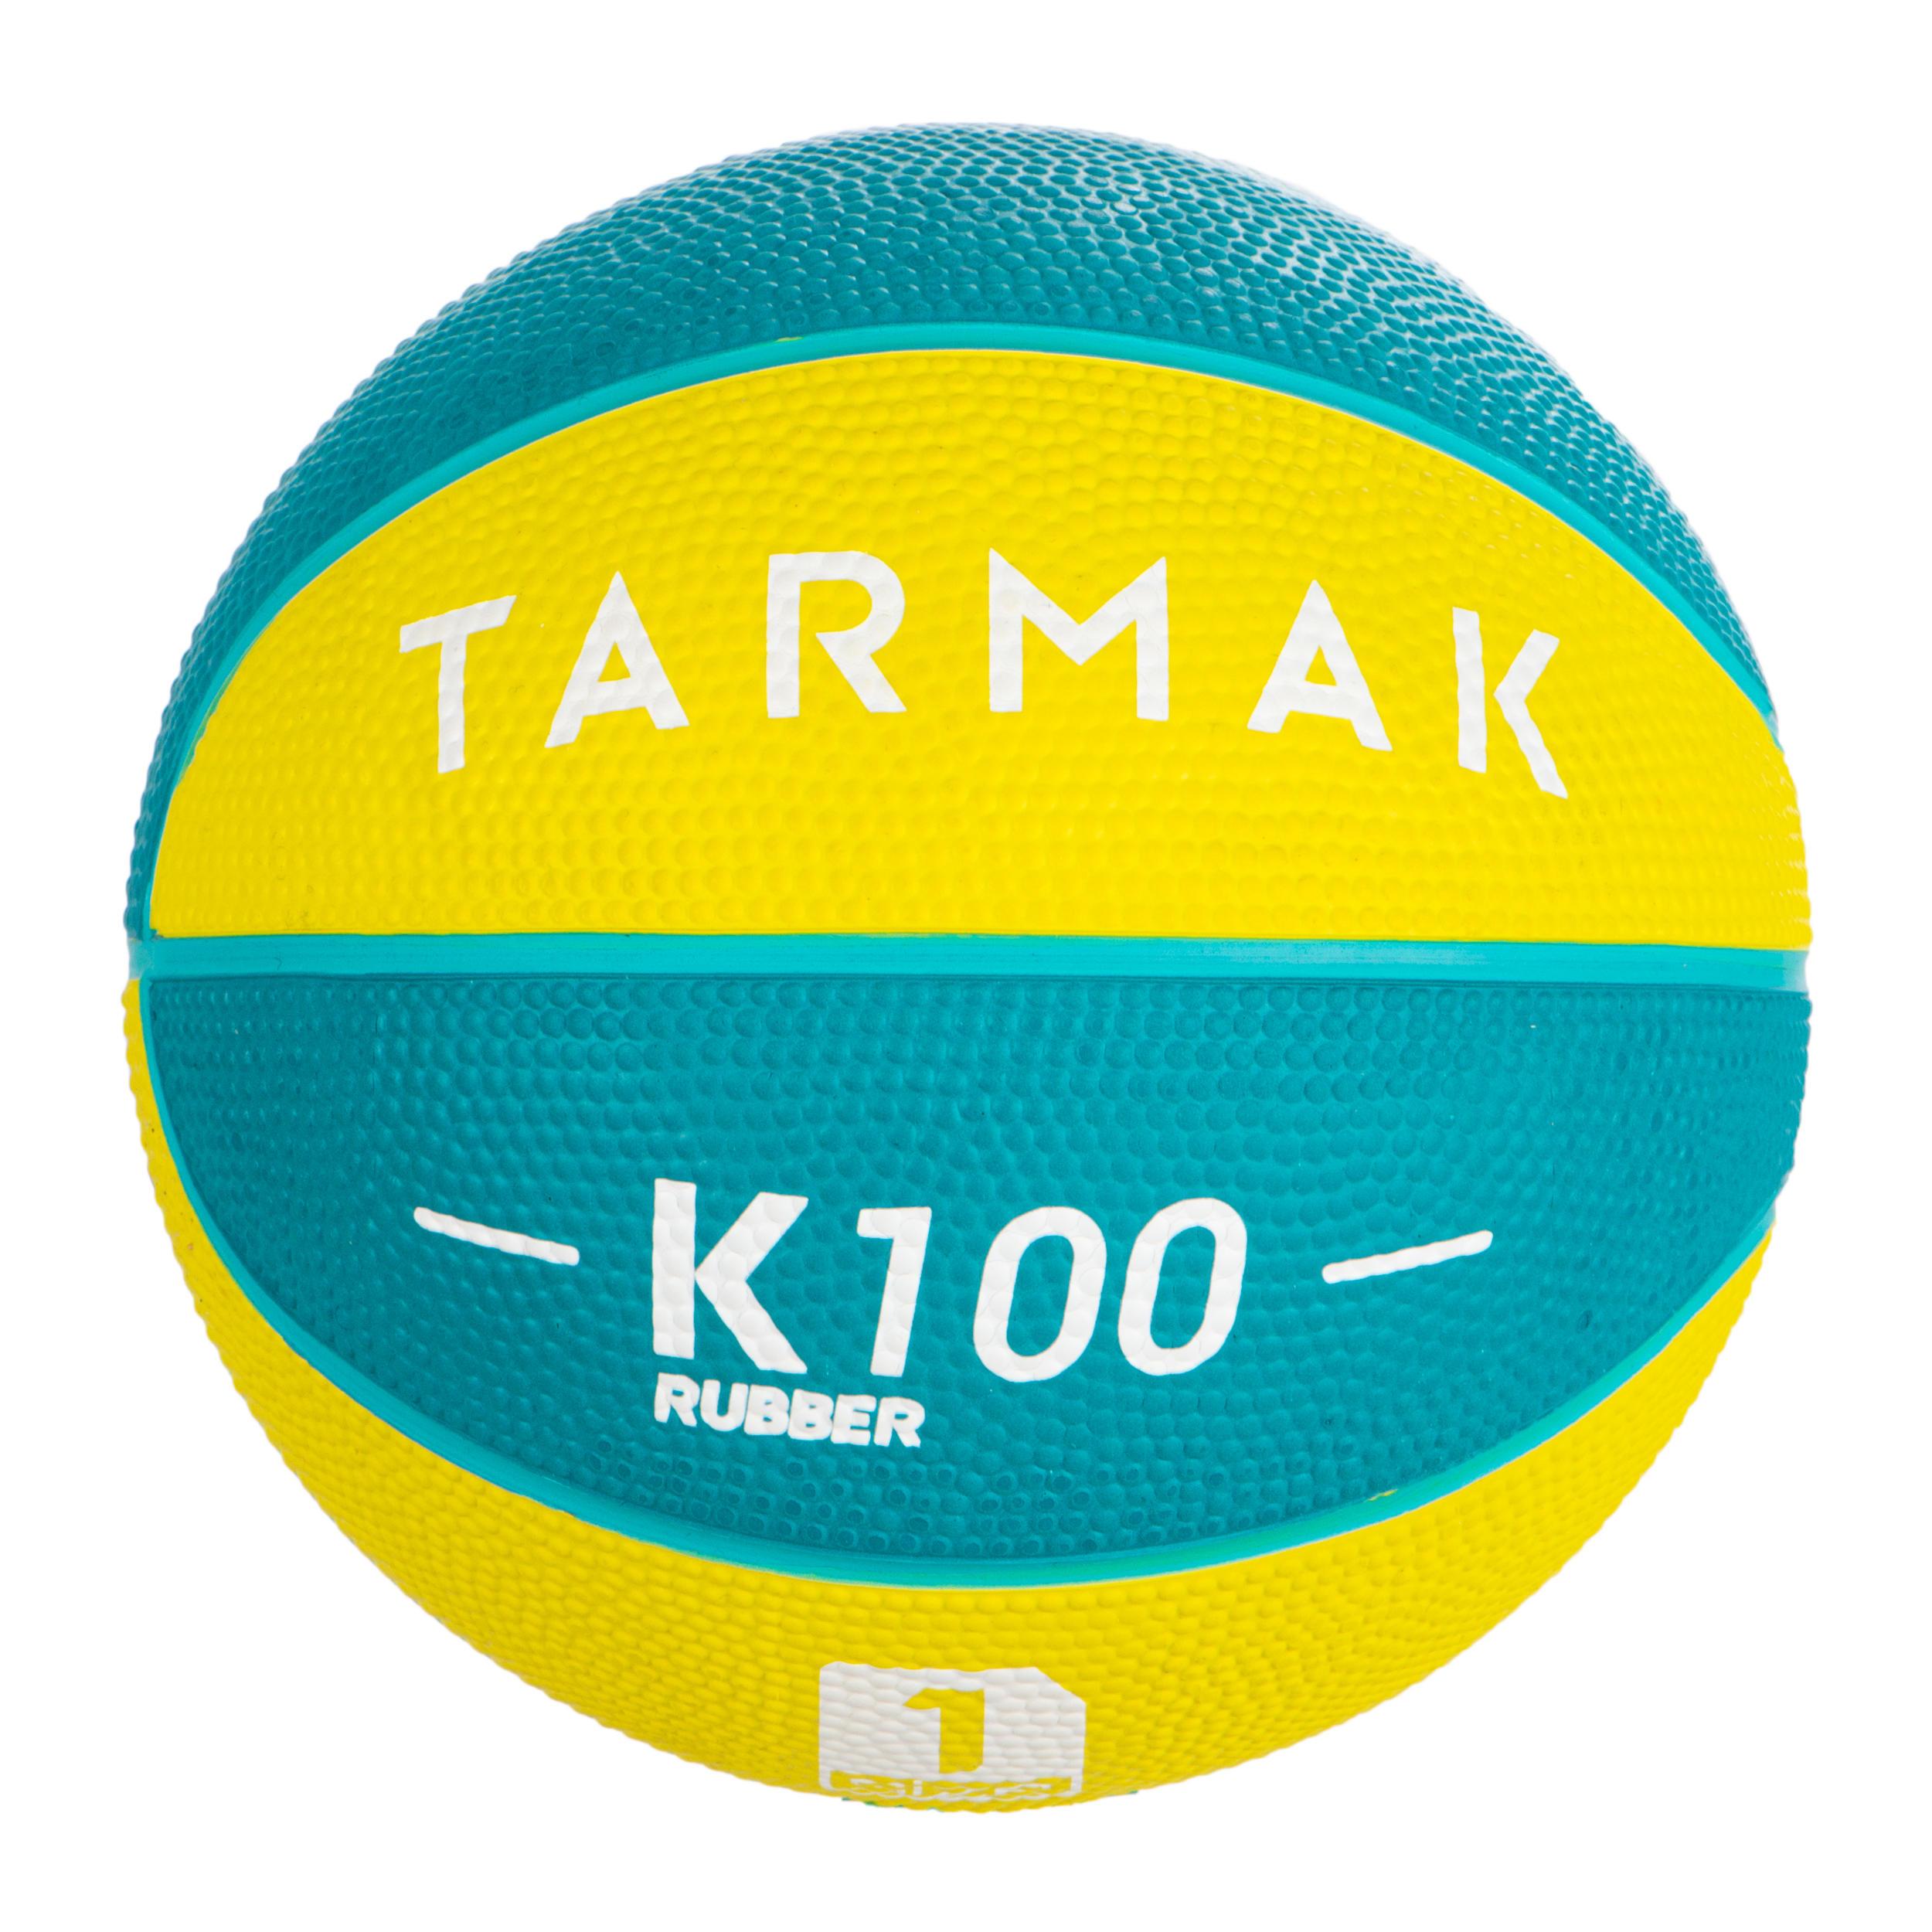 Minge Baschet K100 Rubber imagine produs